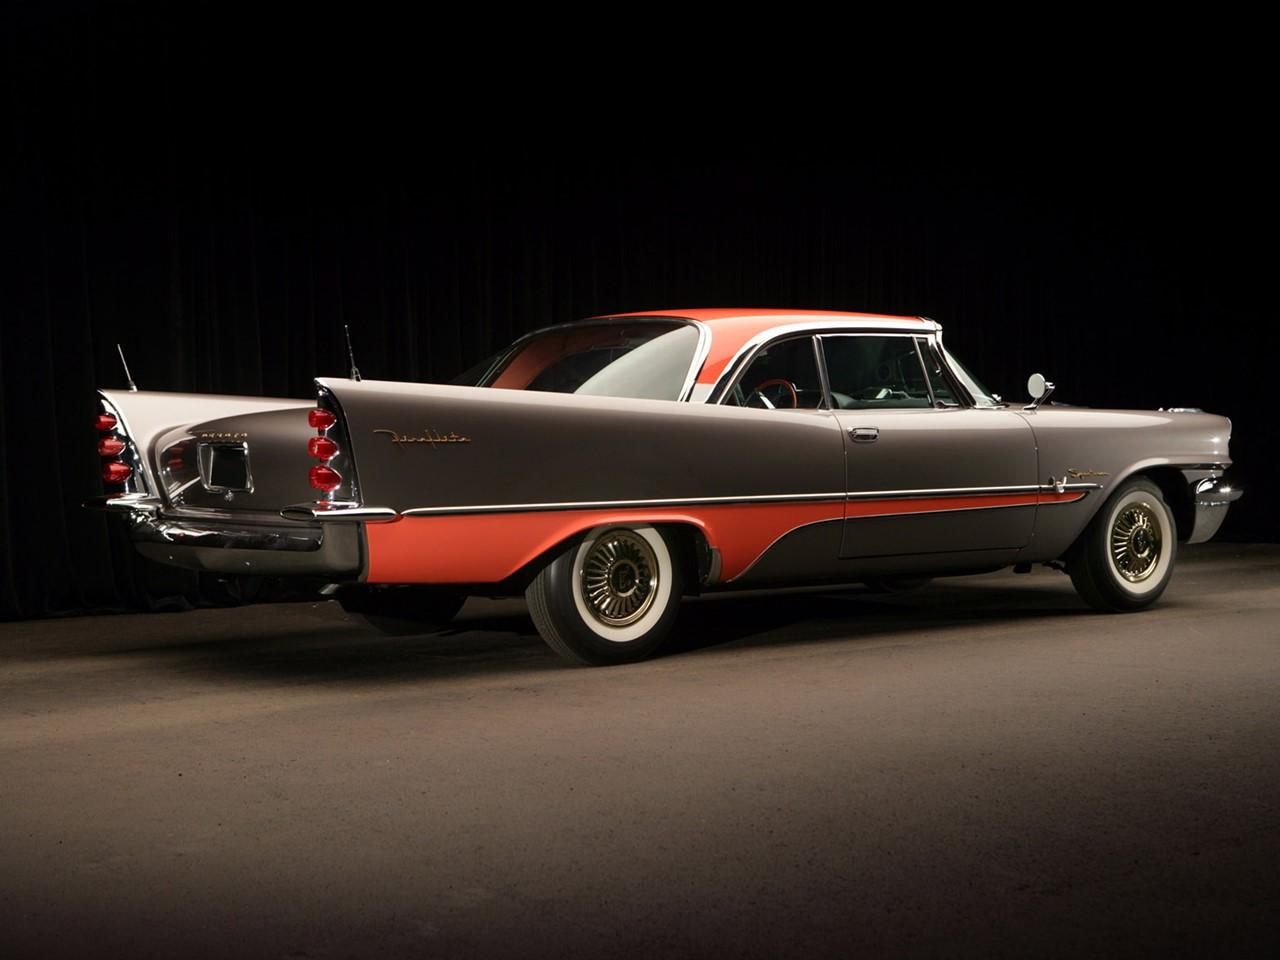 1957DeSotoFireflite 2-door hardtop 1